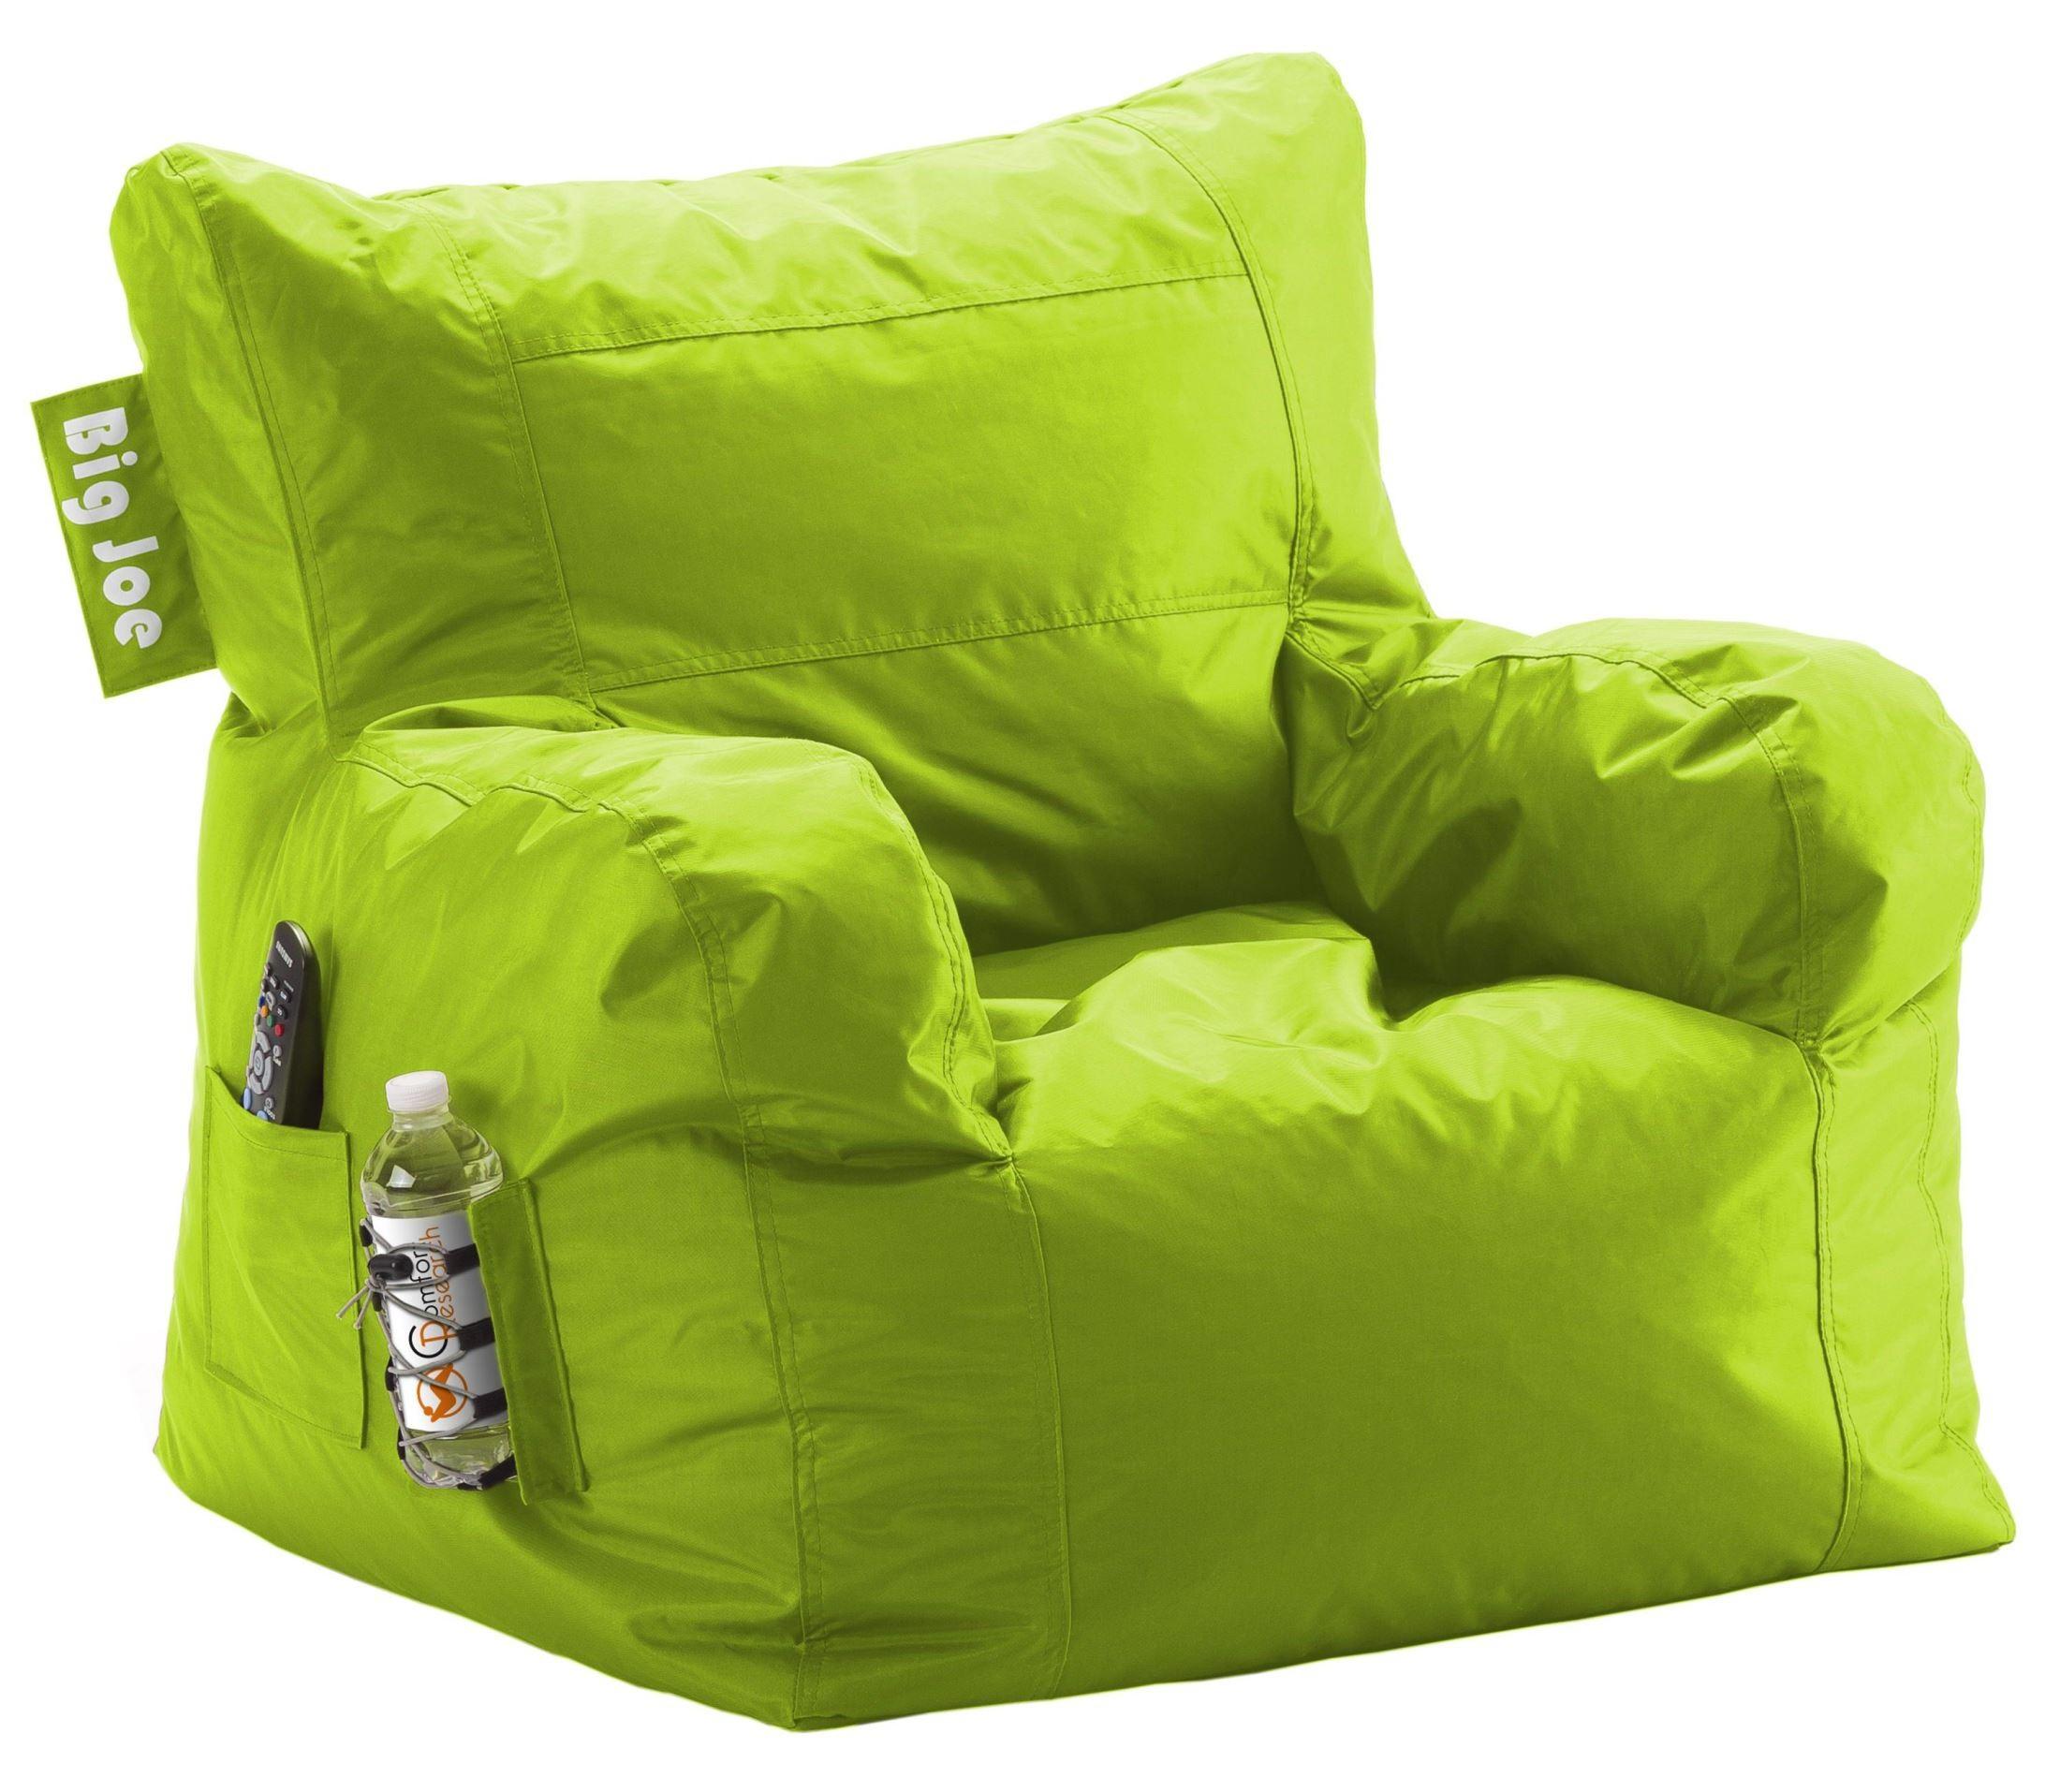 Big Joe Dorm Spicy Lime SmartMax Chair From Comfort